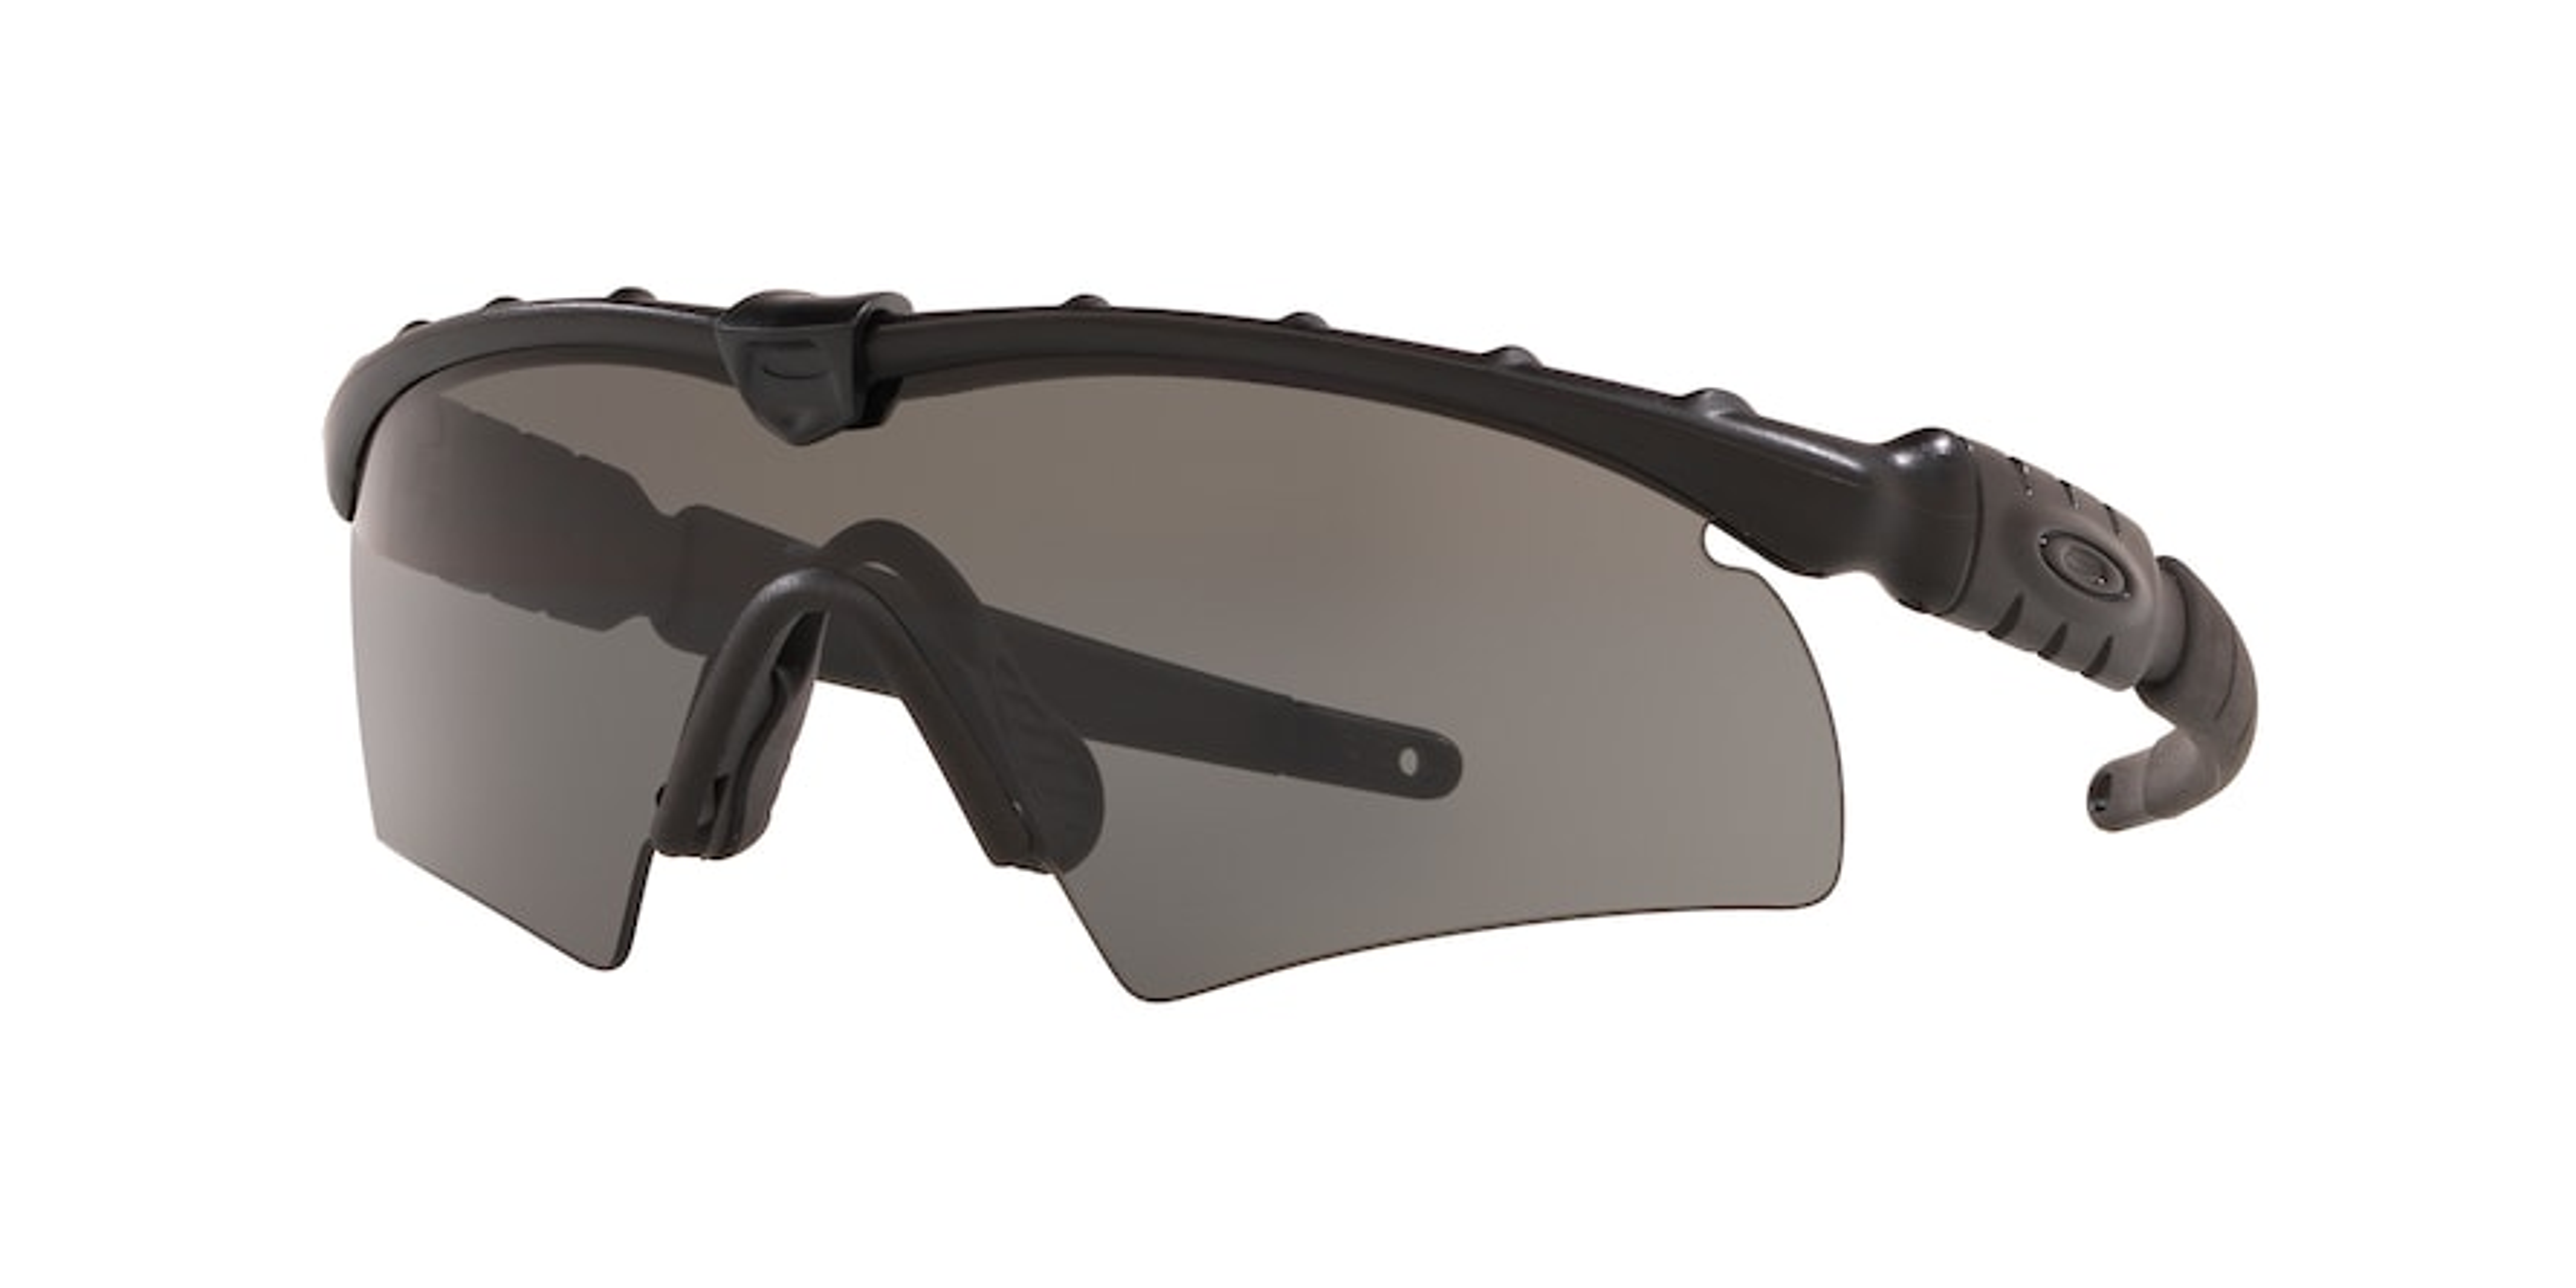 Oakley OO9061